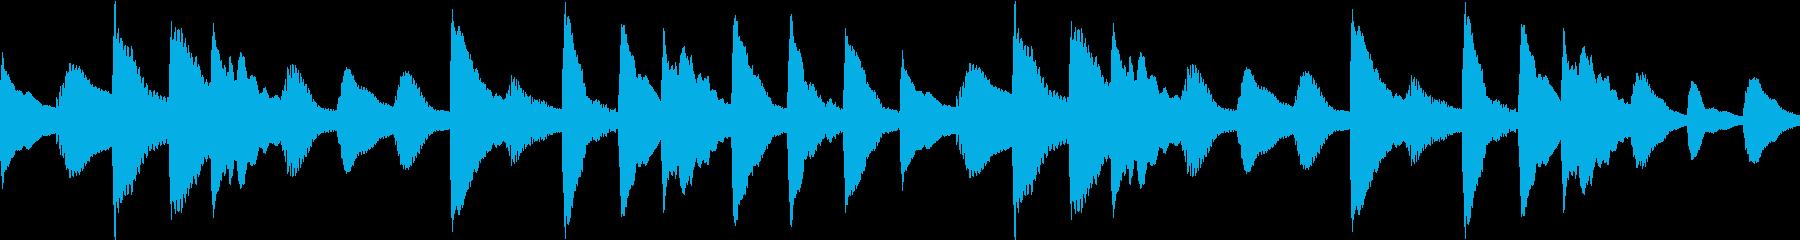 ほのぼのした日常02 マリンバ(ループ)の再生済みの波形